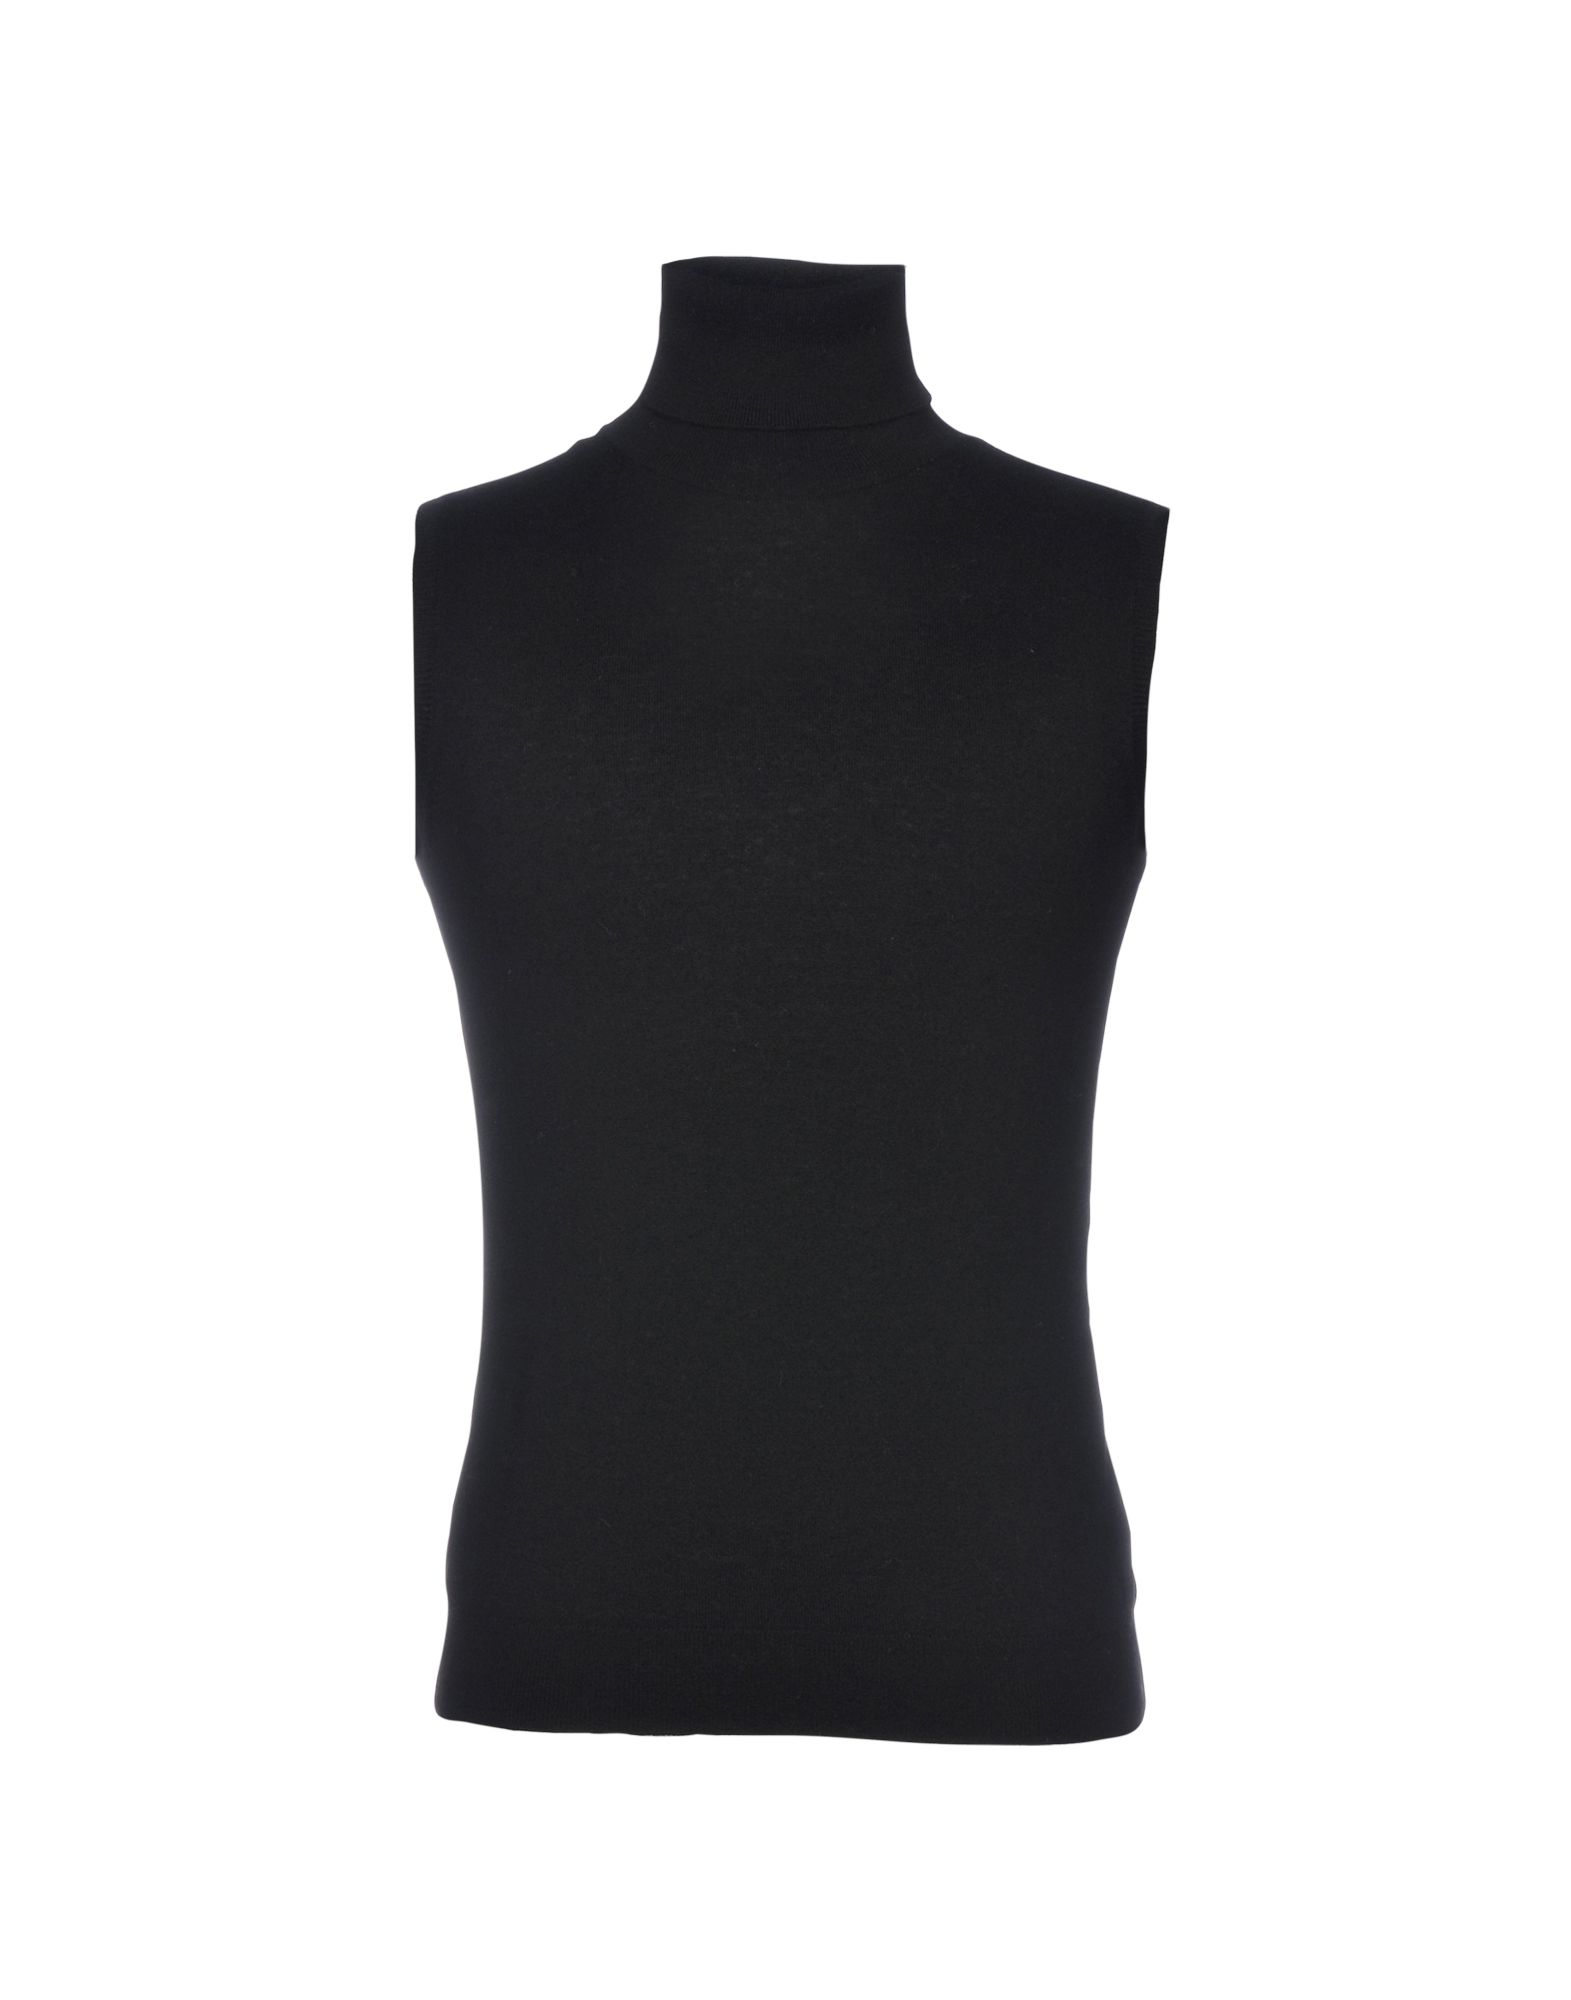 《送料無料》LAMBERTO LOSANI メンズ タートルネック ブラック S ウール 100%